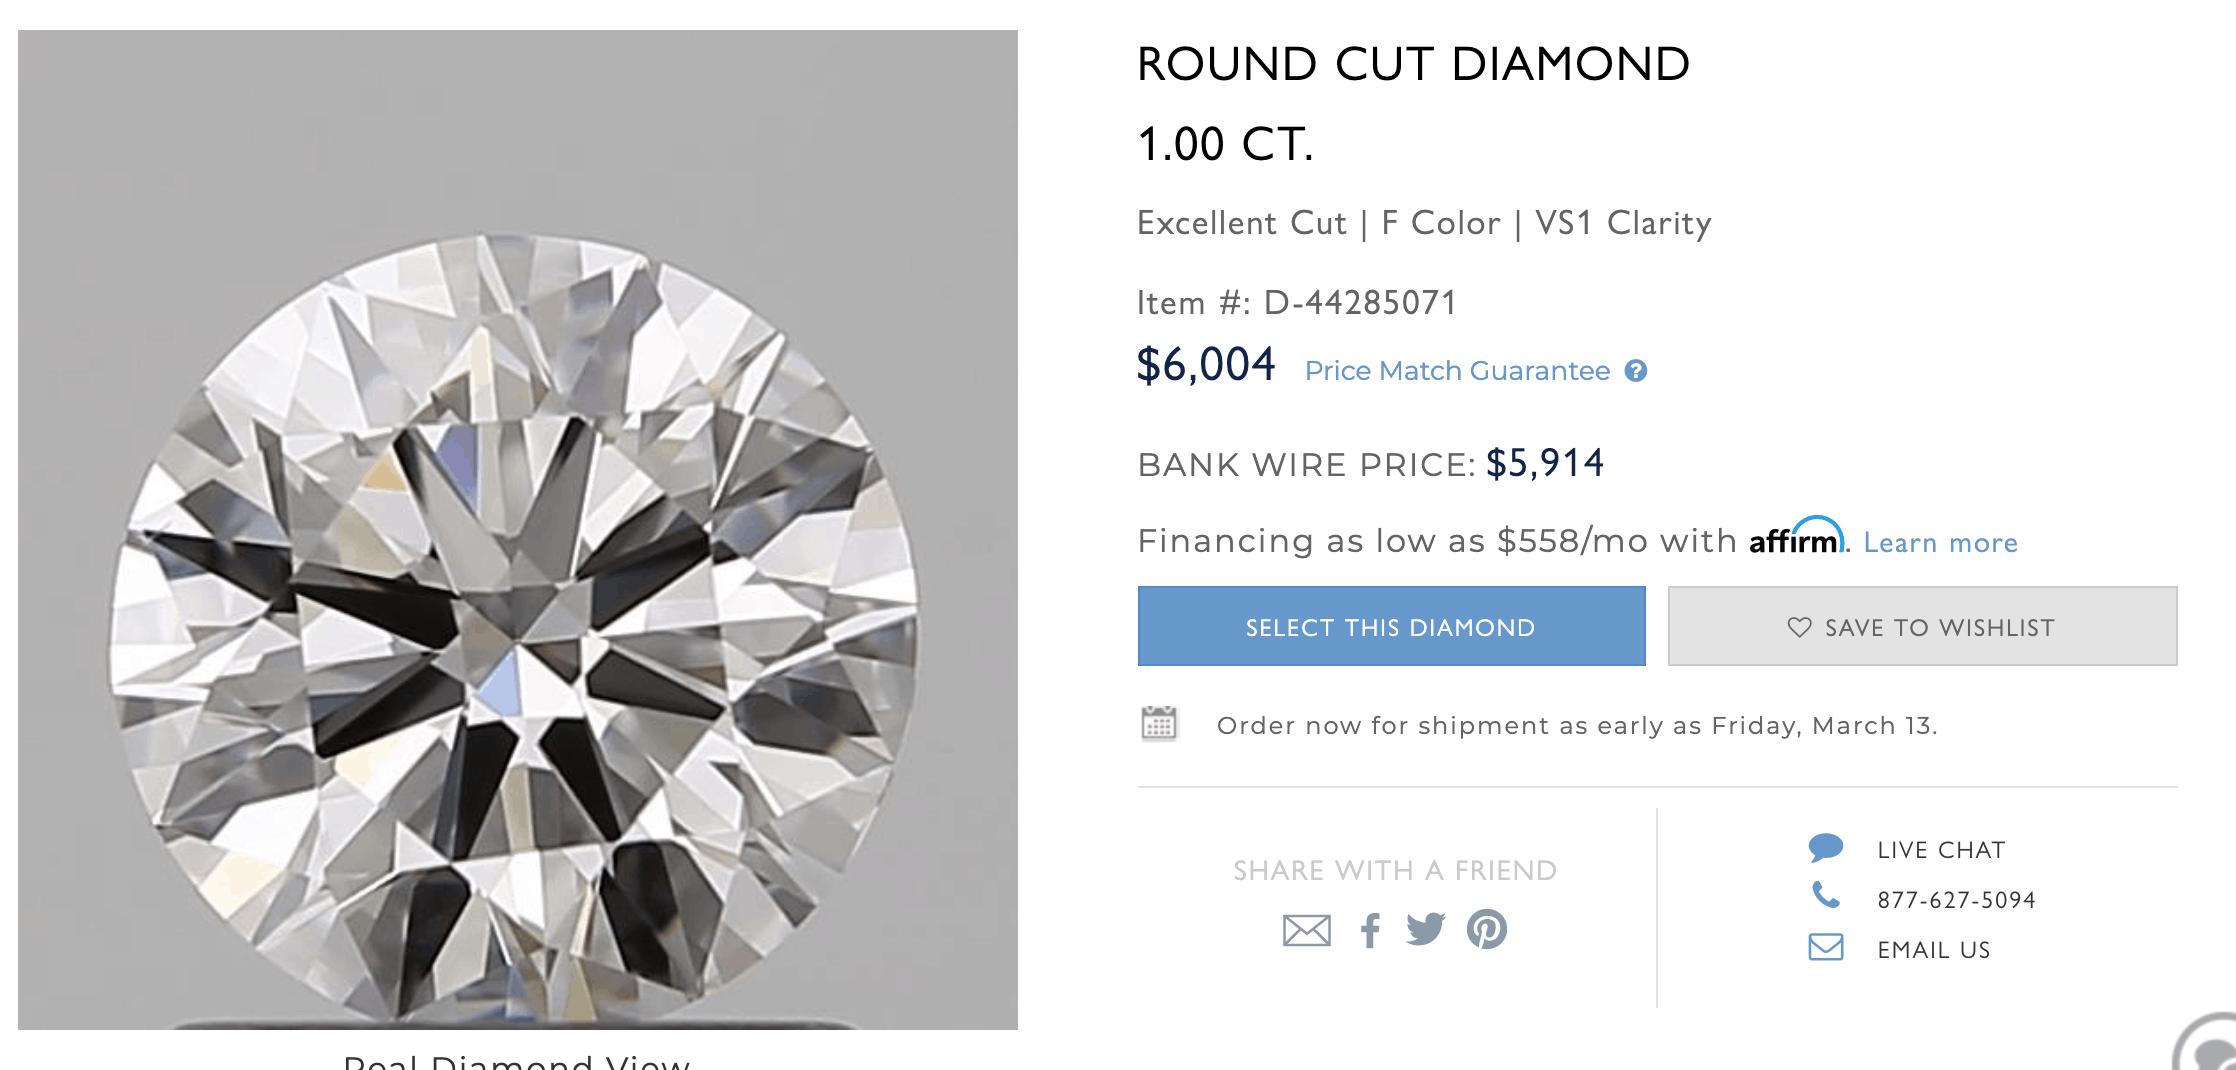 https://www.adiamor.com/Diamonds/1.00-ct-F-VS1-Excellent-Cut-Round-Diamond/D44285071?rfr=rc&utm_campaign=202003.01&b=6.004&g=153&p=1&utm_source=rarecarat&utm_medium=cpc